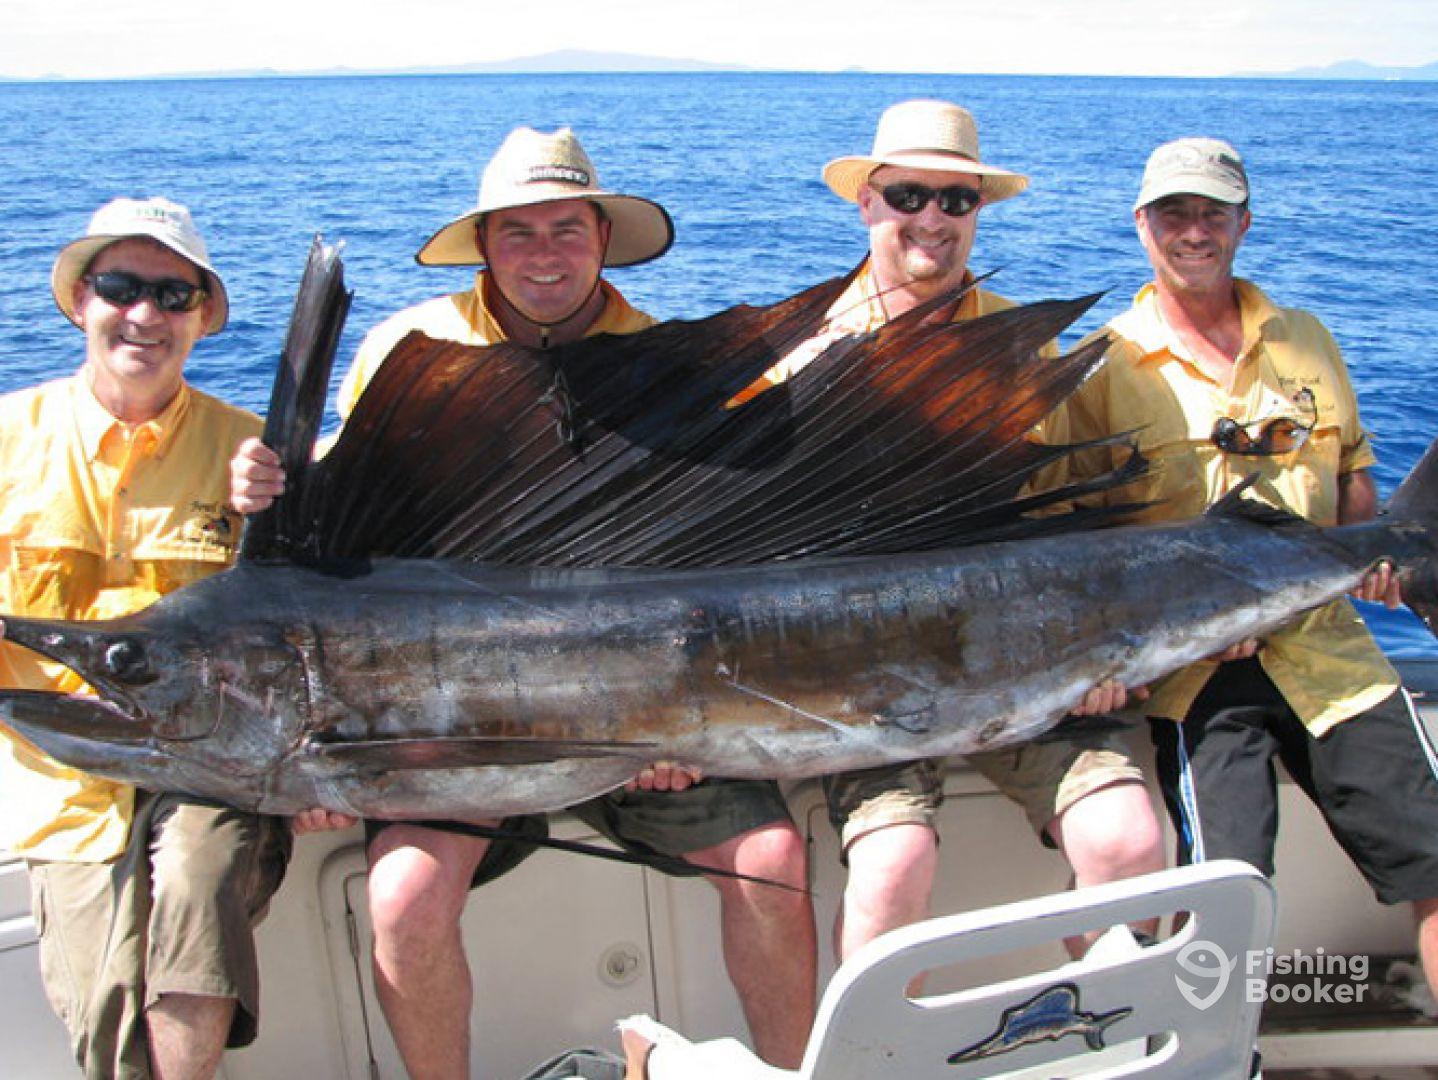 Crusoe Fishing - Reel Capture 34'